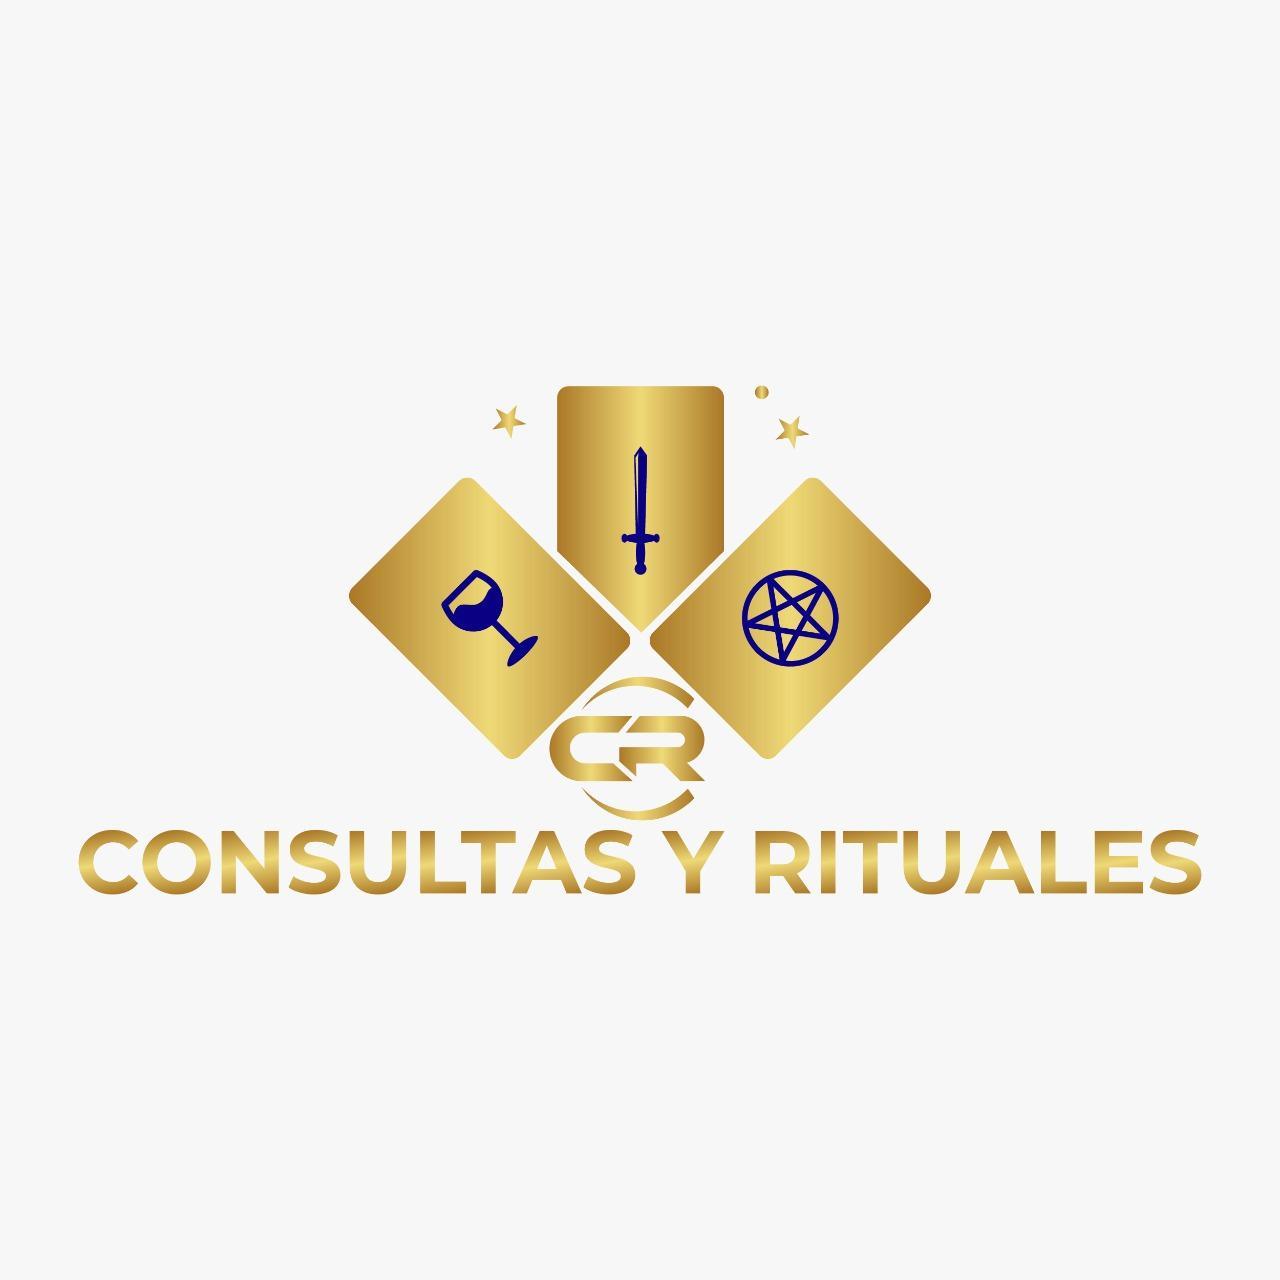 CONSULTAS Y RITUALES